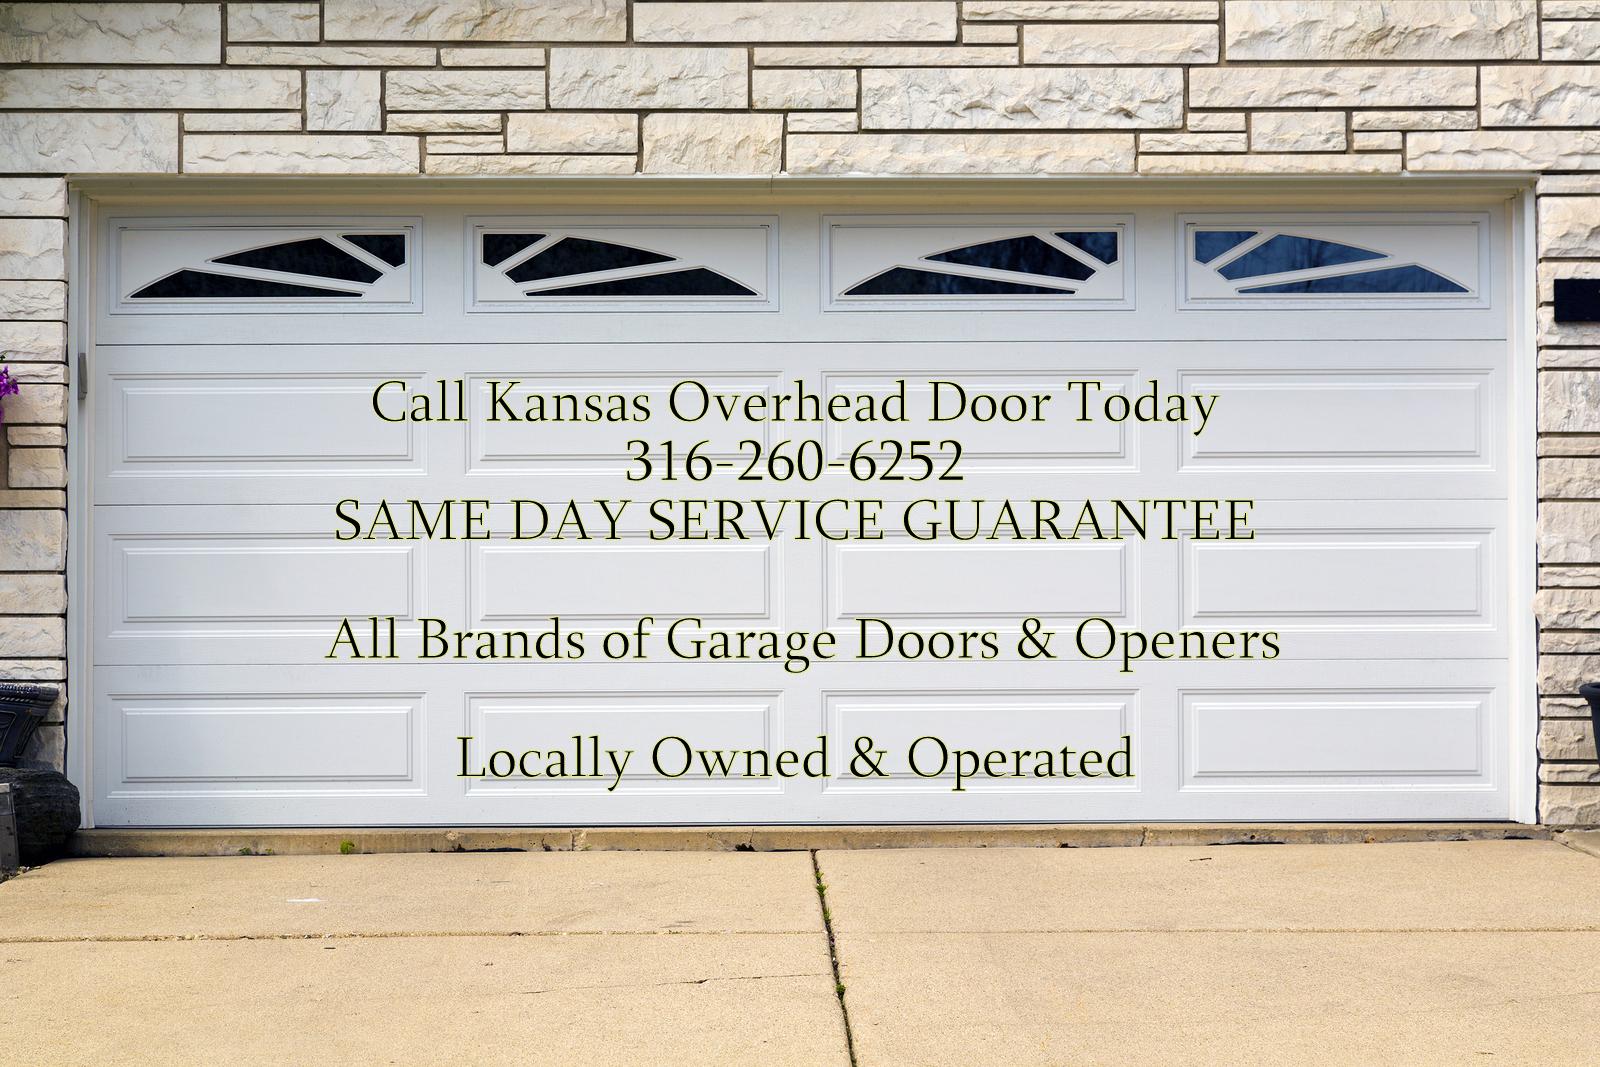 Garage Door Repair Franchise 28 Images Garage Door Repair